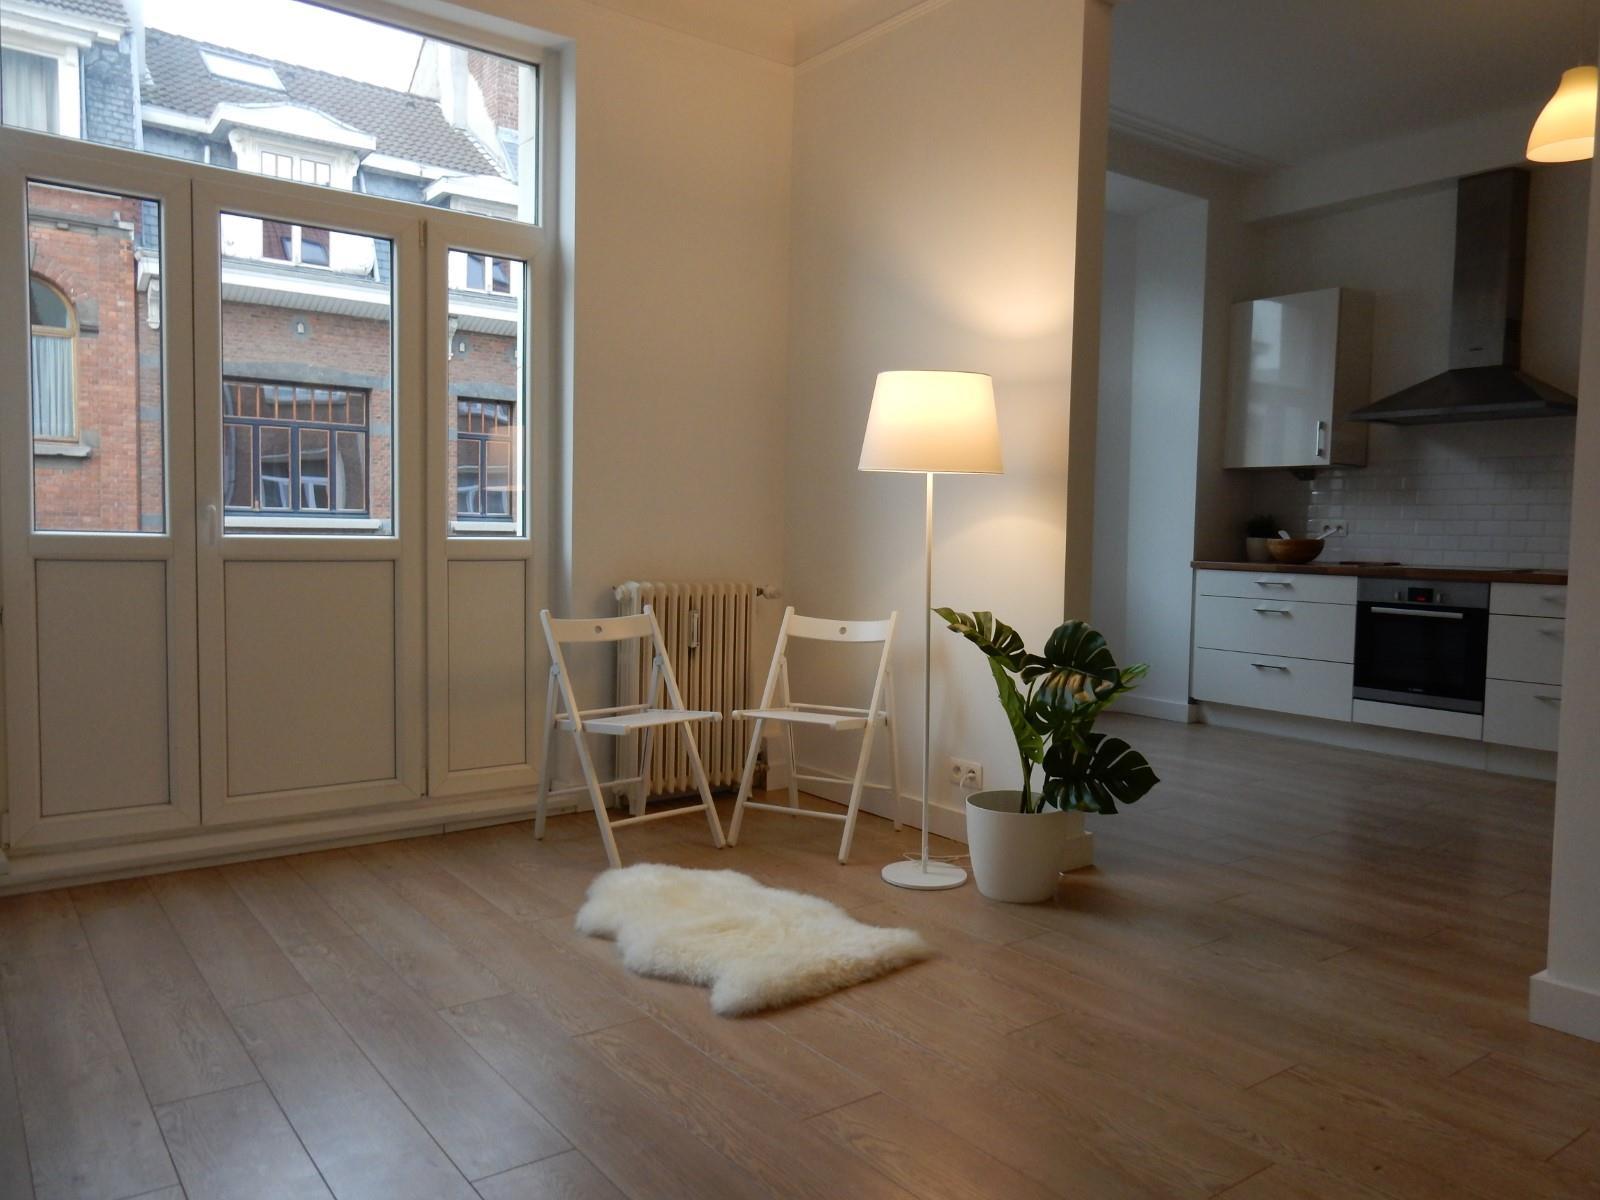 Flat - Ixelles - #3590598-3